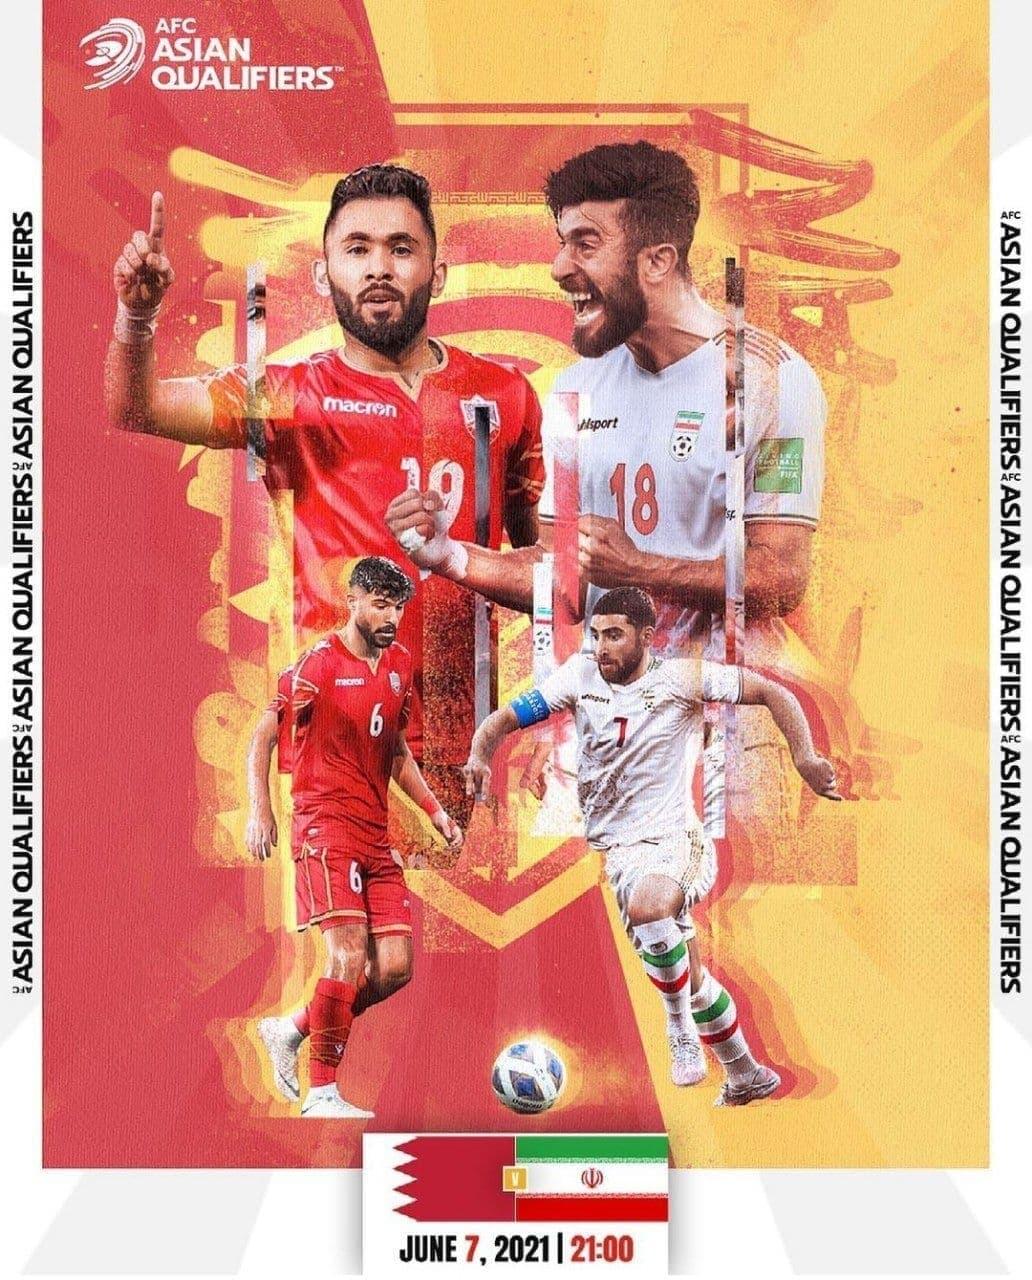 پوستر afc برای بازی امروز